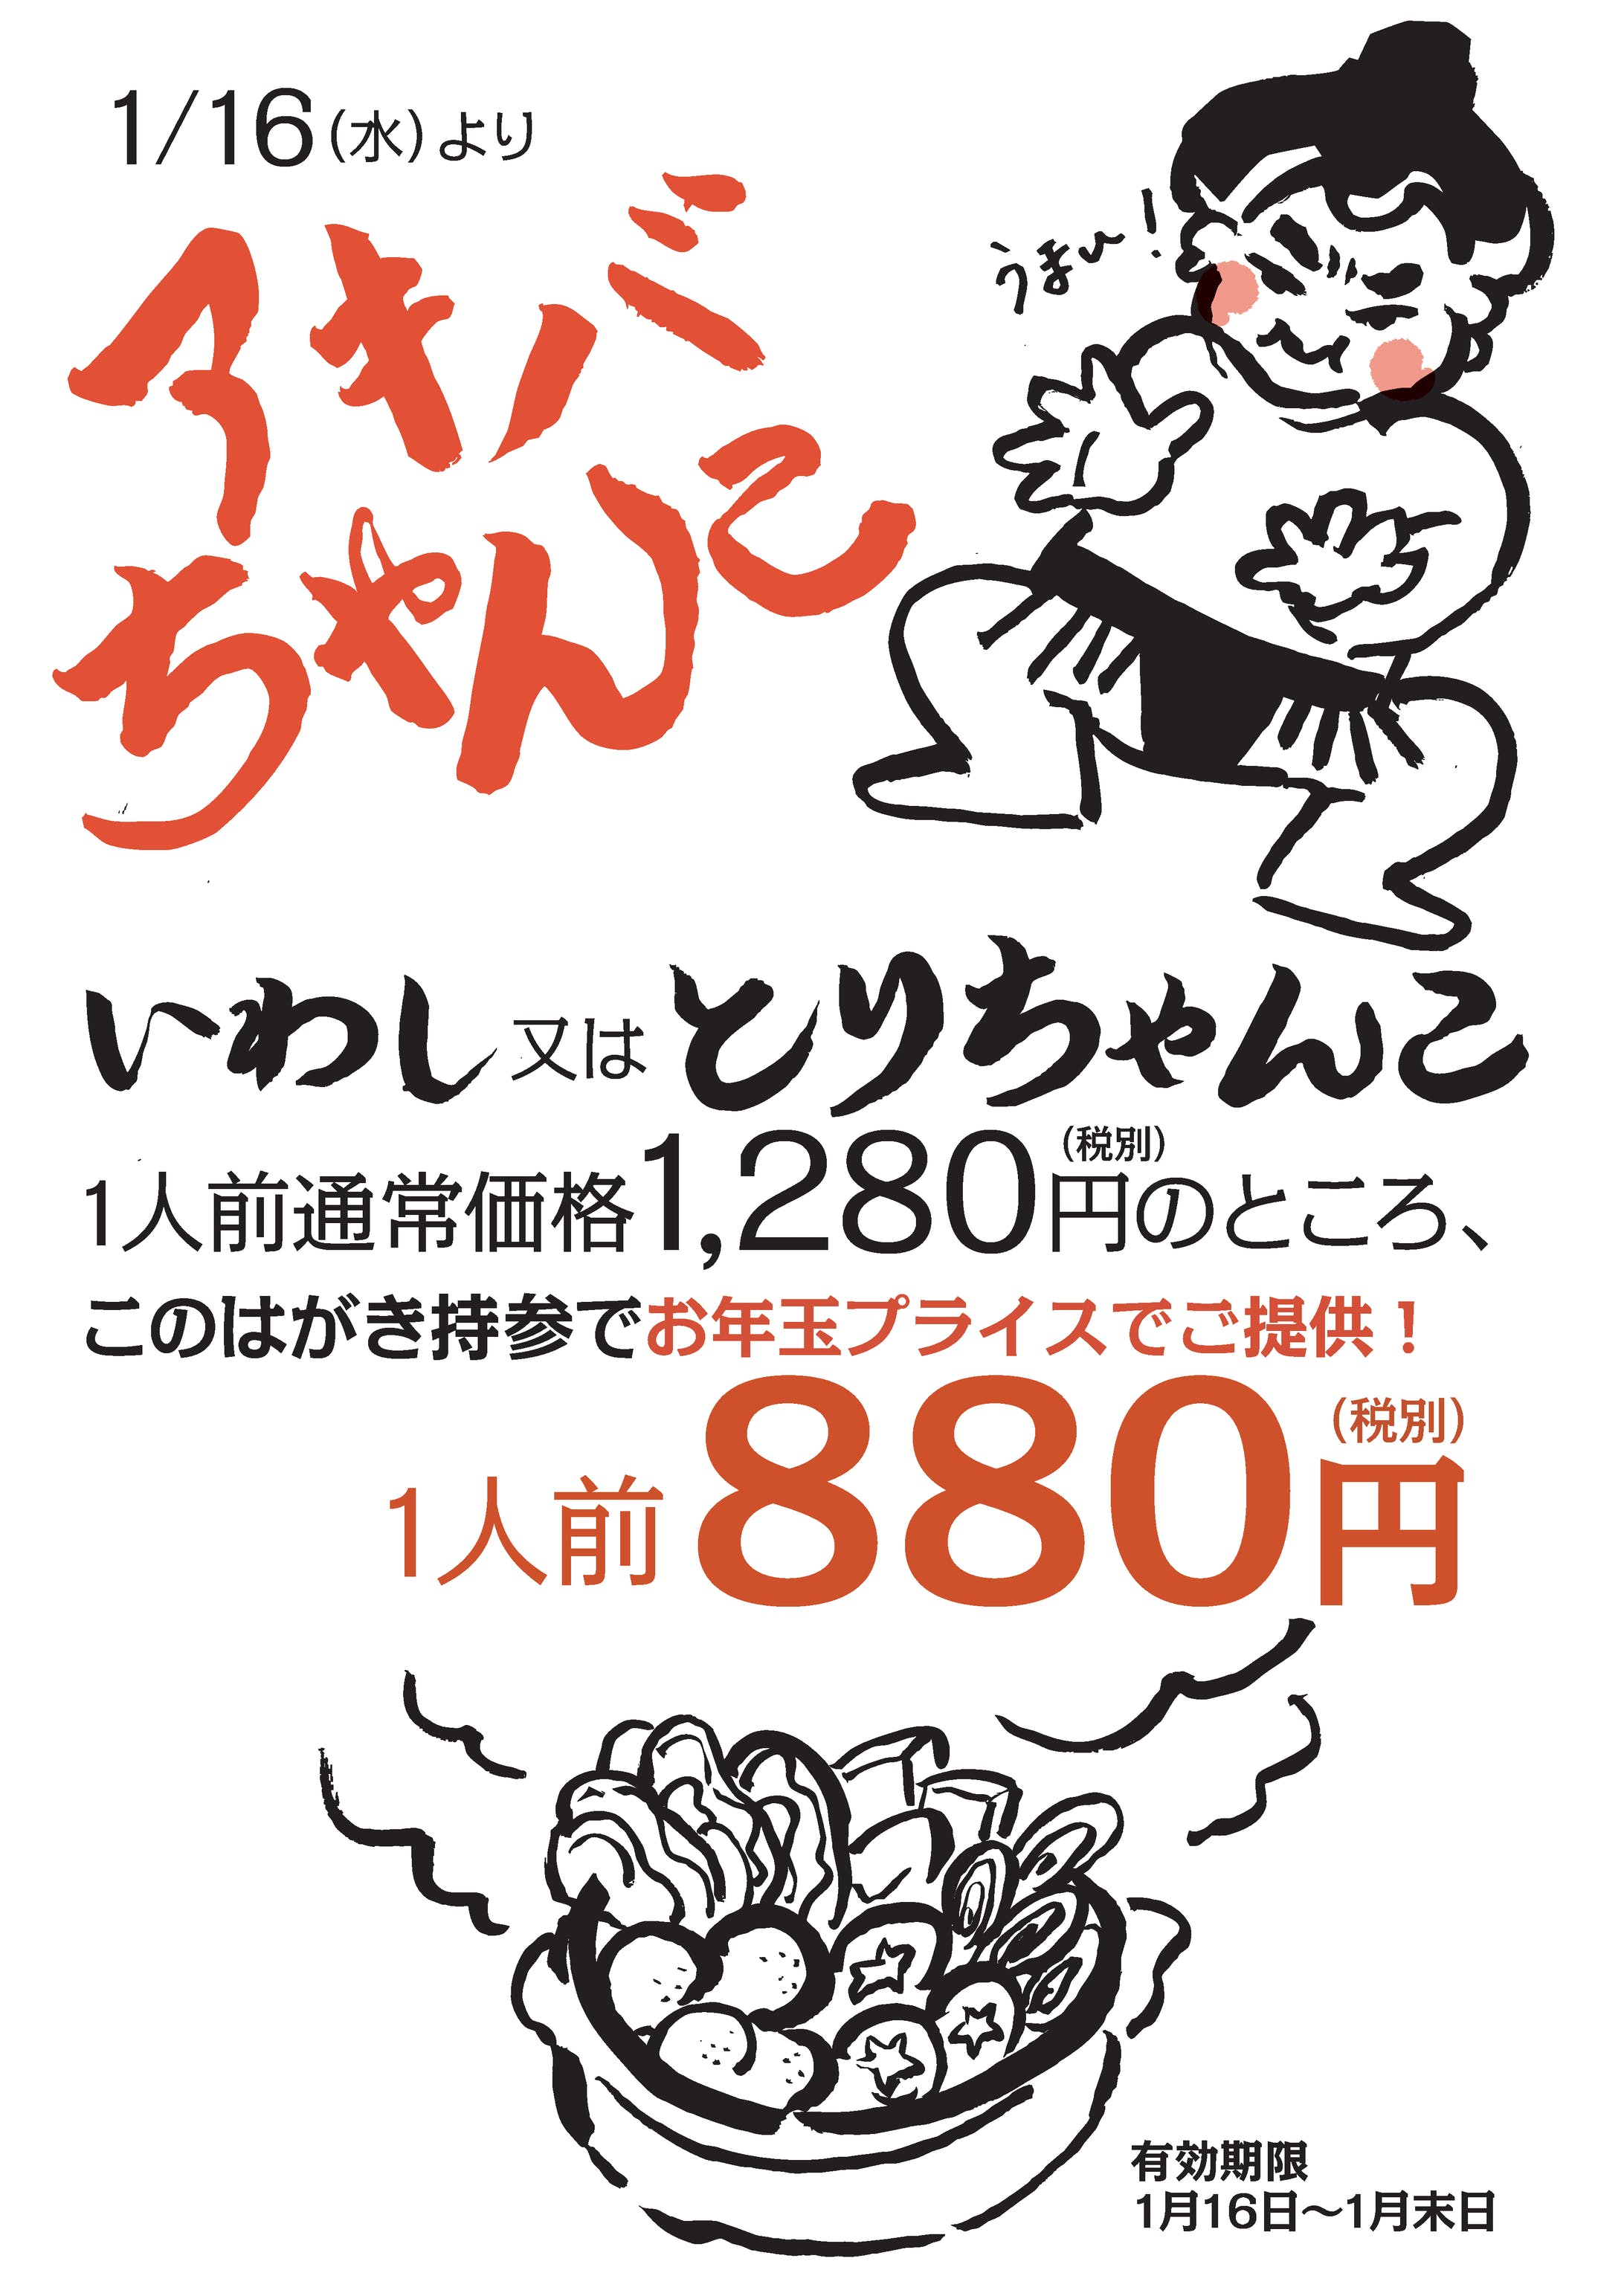 蕎麦居酒屋 冬季限定パンフレット-1